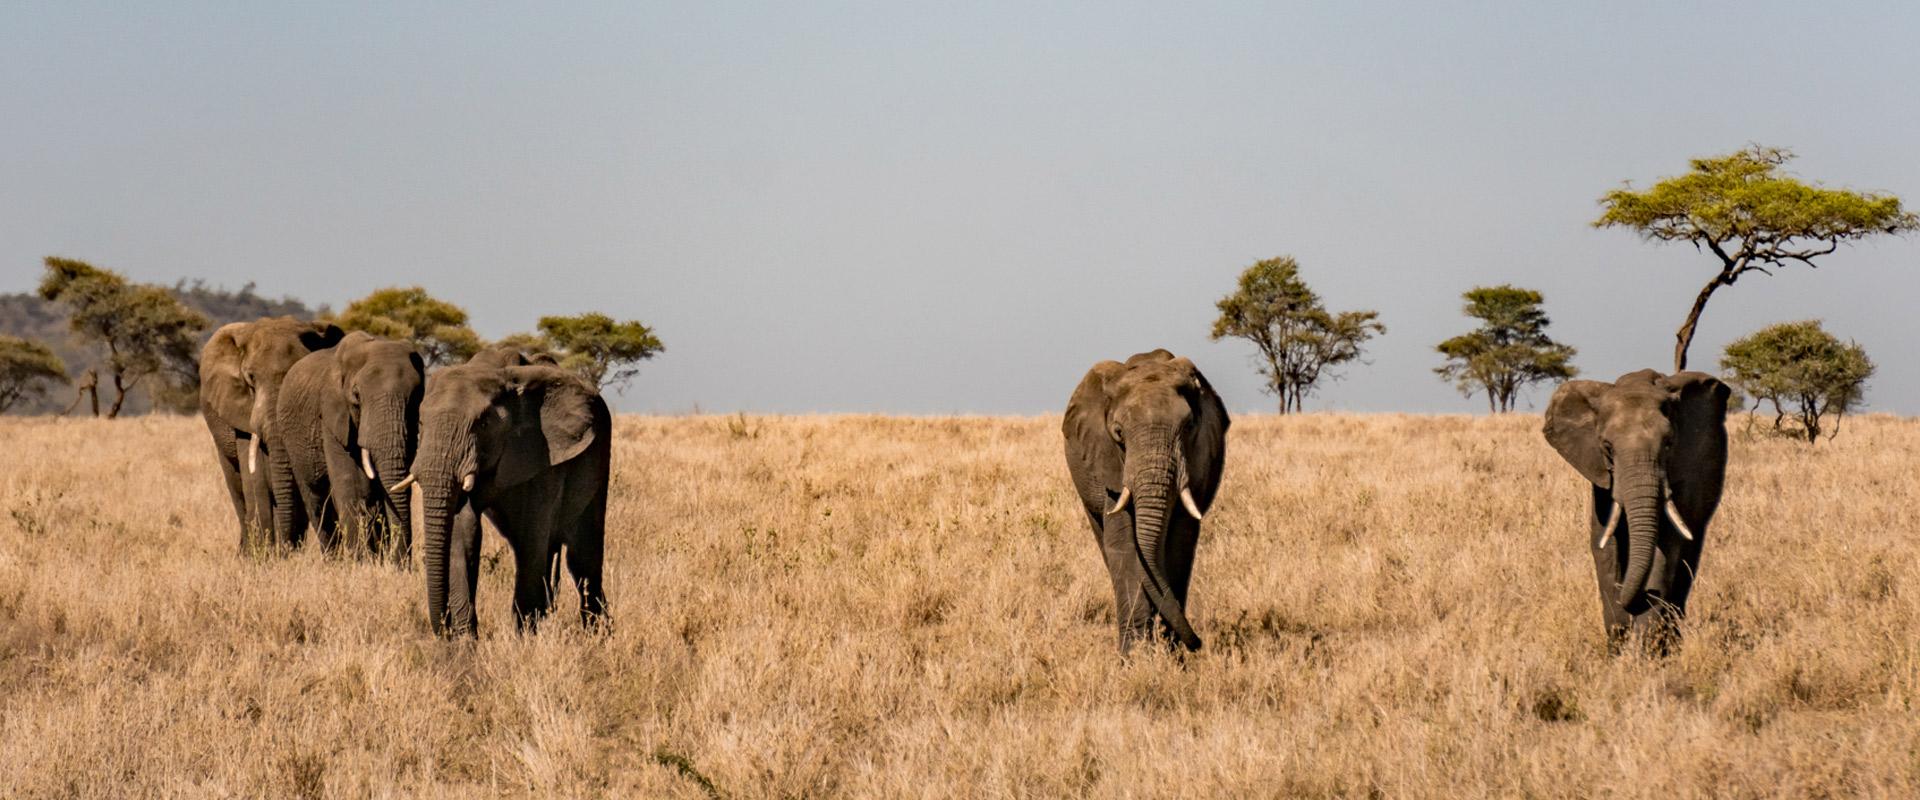 6 days tanzania southern safari